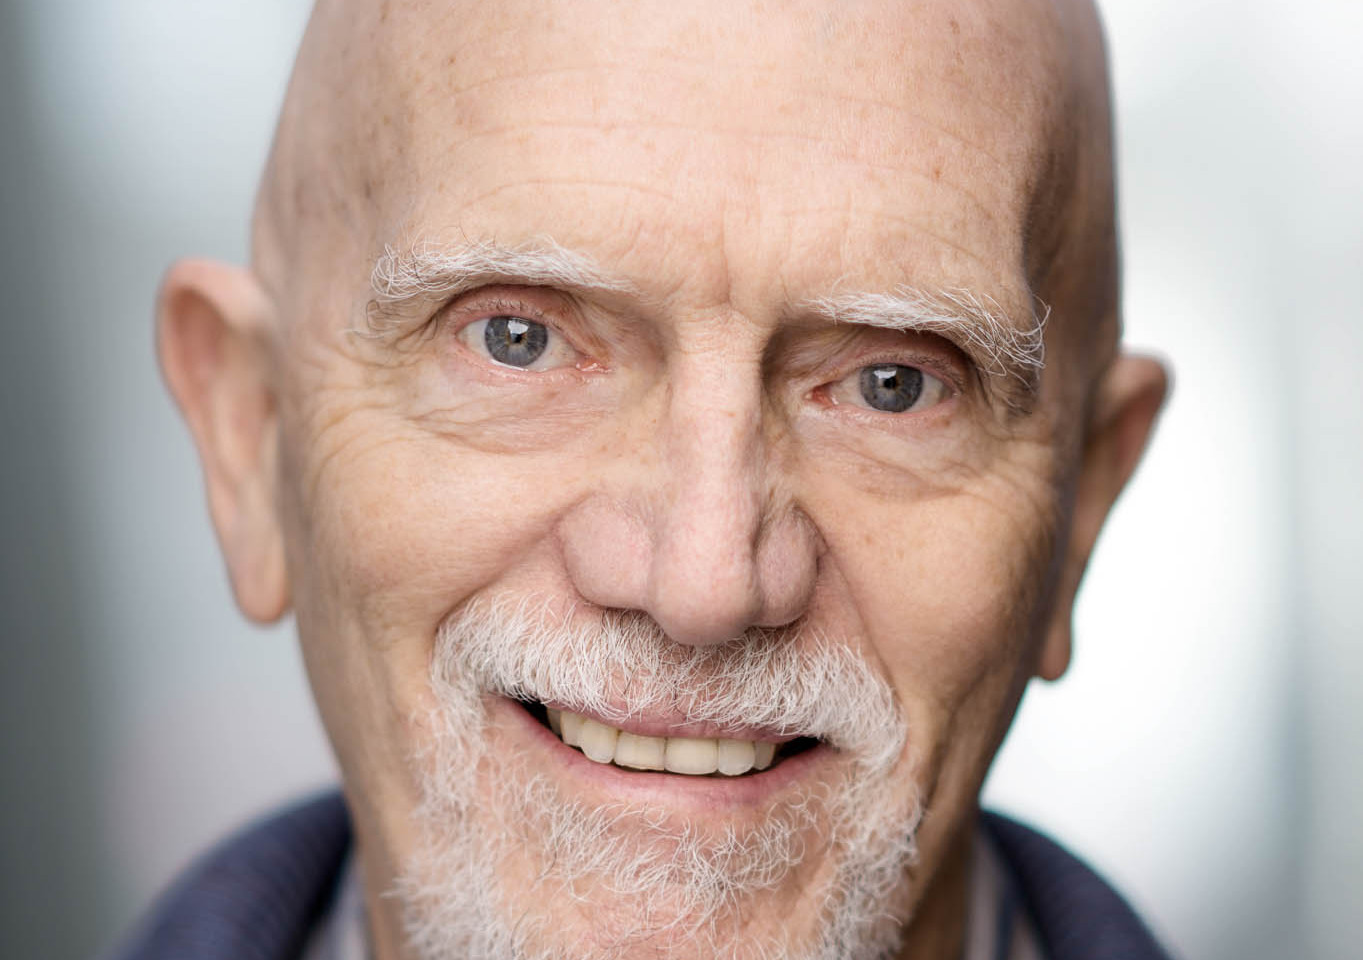 Michael E Curran